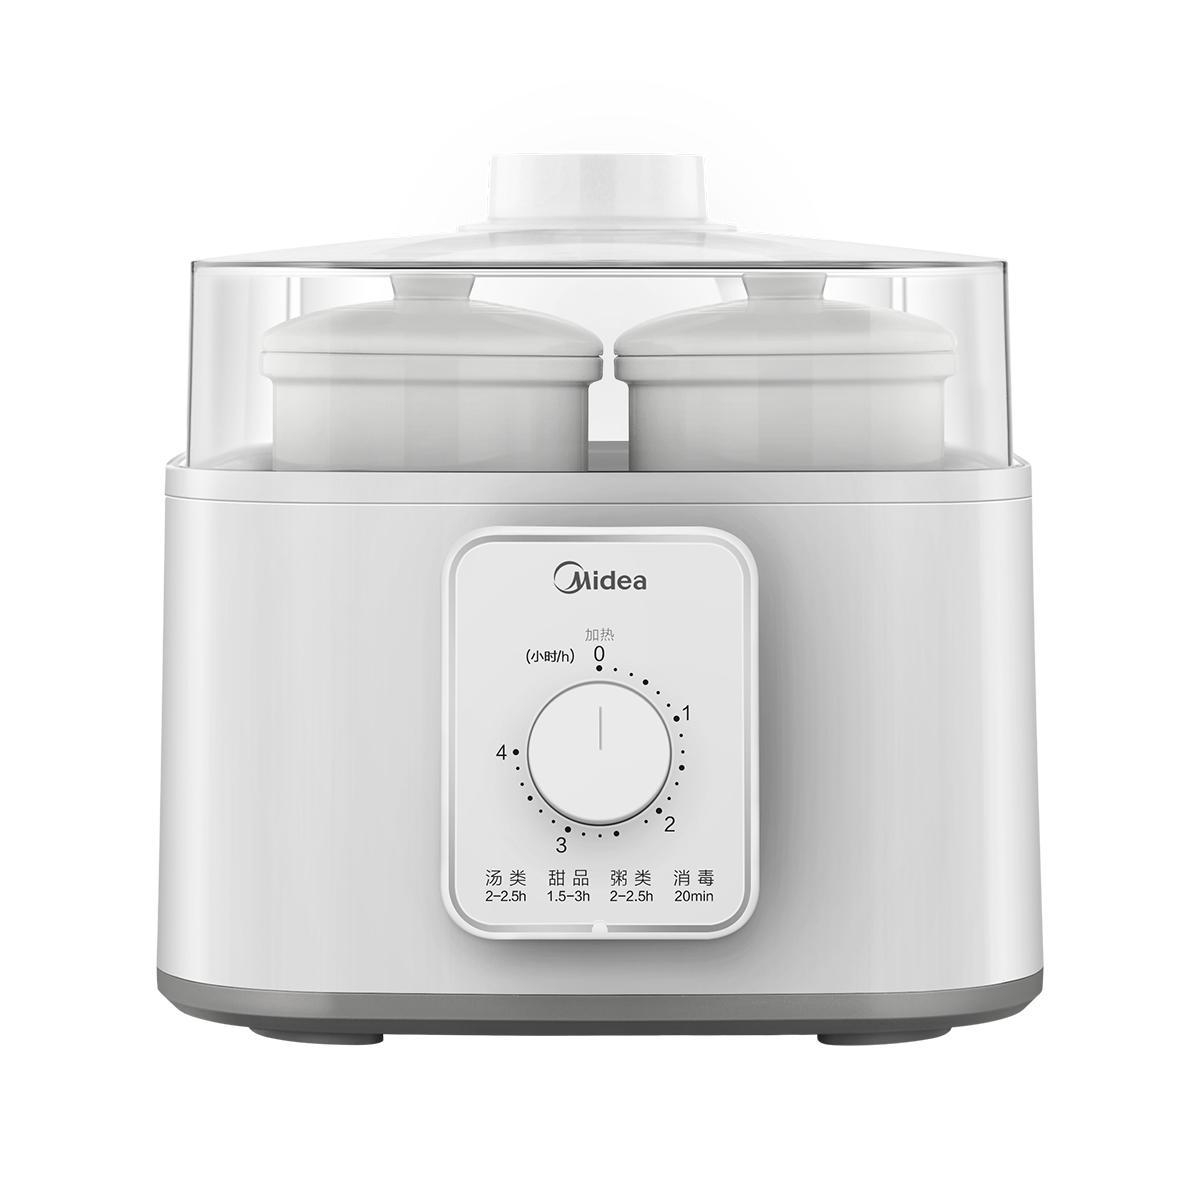 美的(Midea)电炖锅 电炖盅 蒸汽养生锅 1盅5胆 白瓷内胆 多功能 煲粥 鸡汤汽锅 机械版 MD-DZ16power502